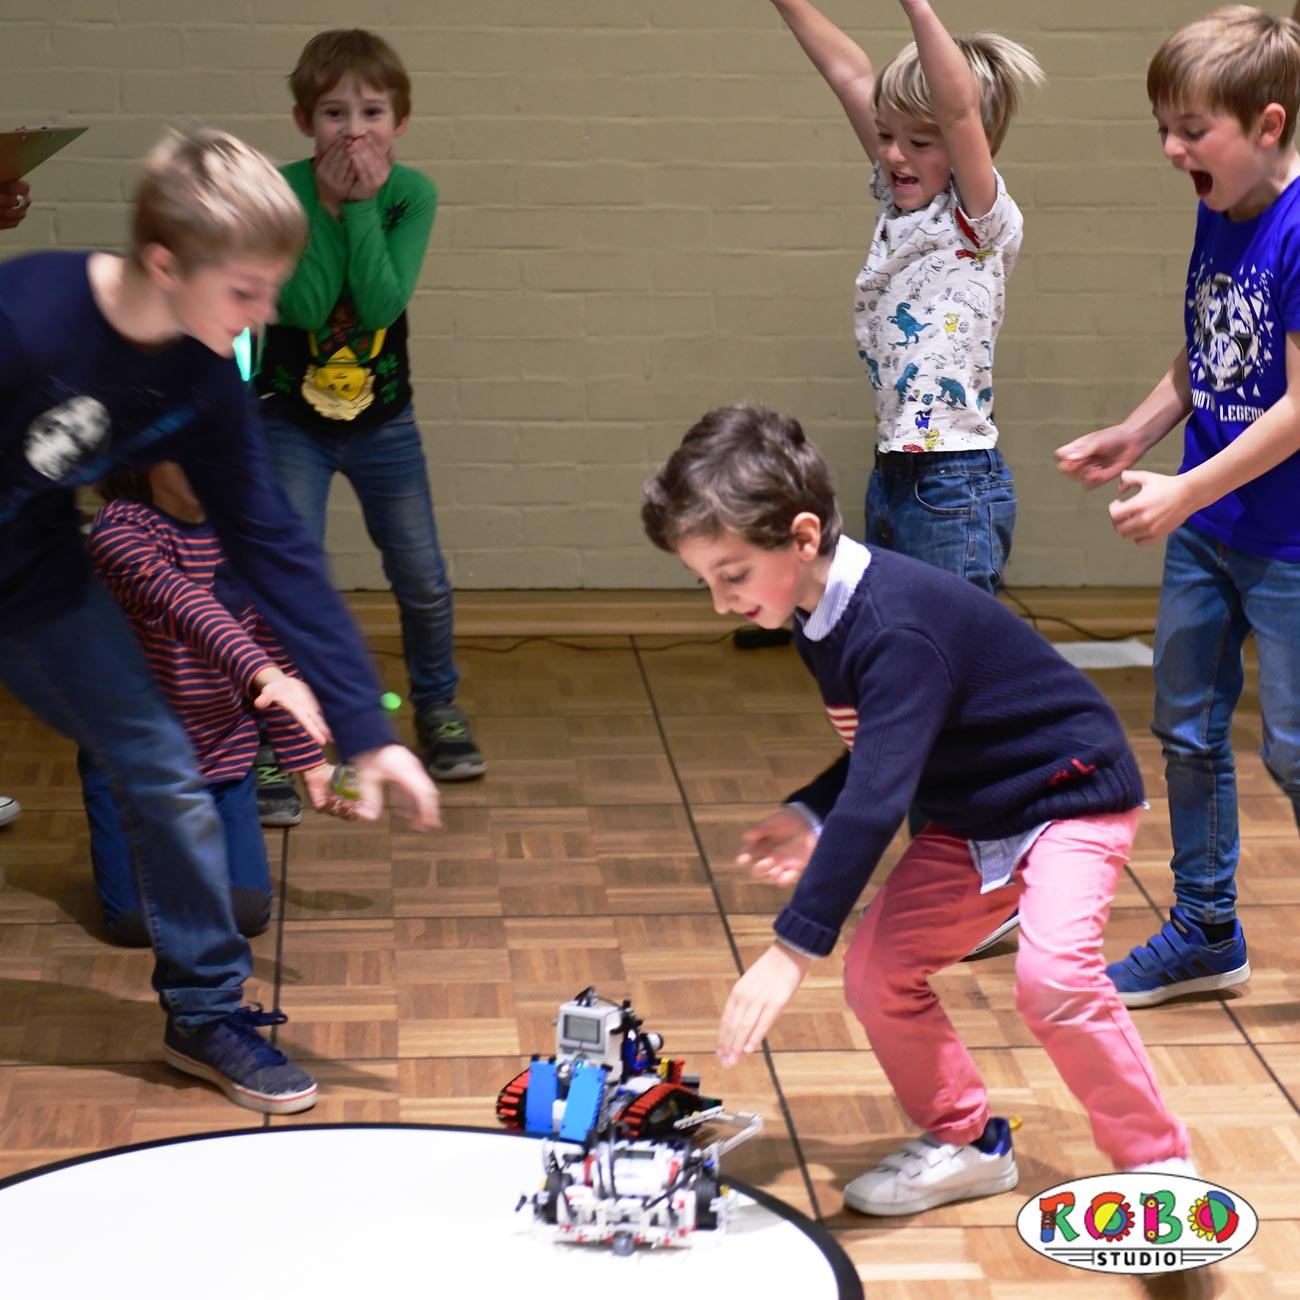 Lego Mindstorms Sumo Wettbewerb - Nach dem Match